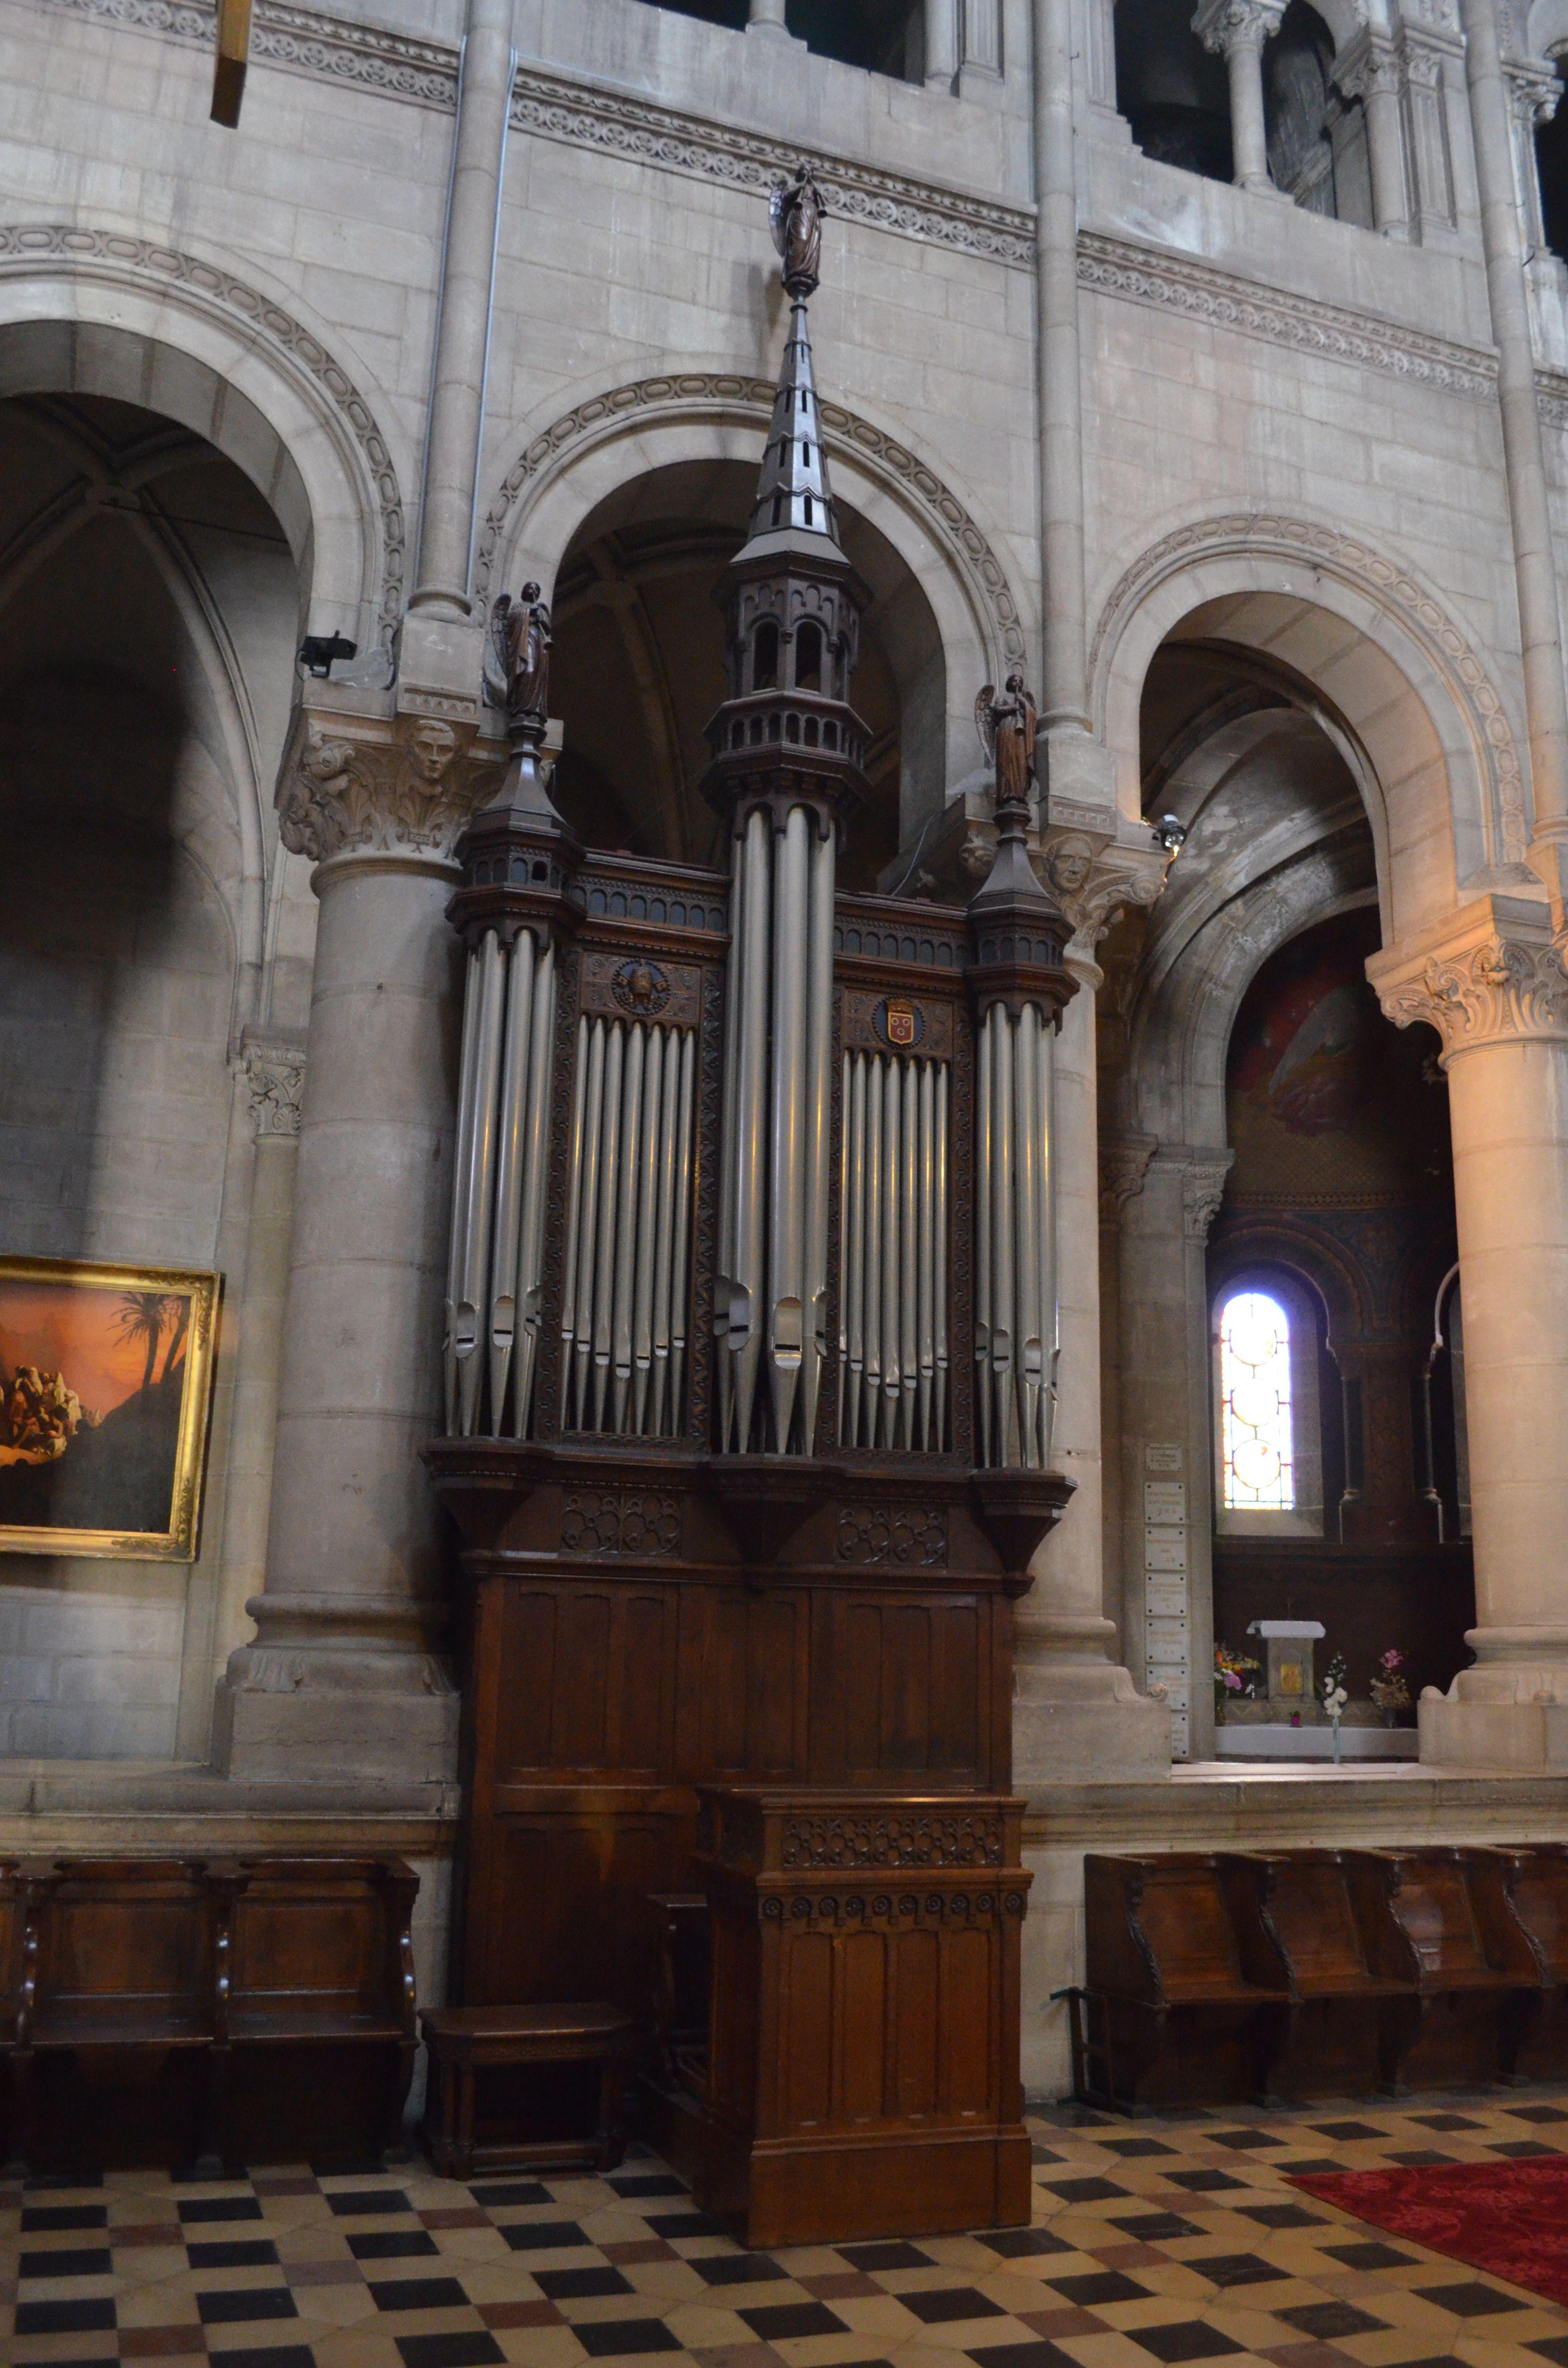 eglise saint-pierre - mâcon (f-71) orgue de choeur | pipe organs